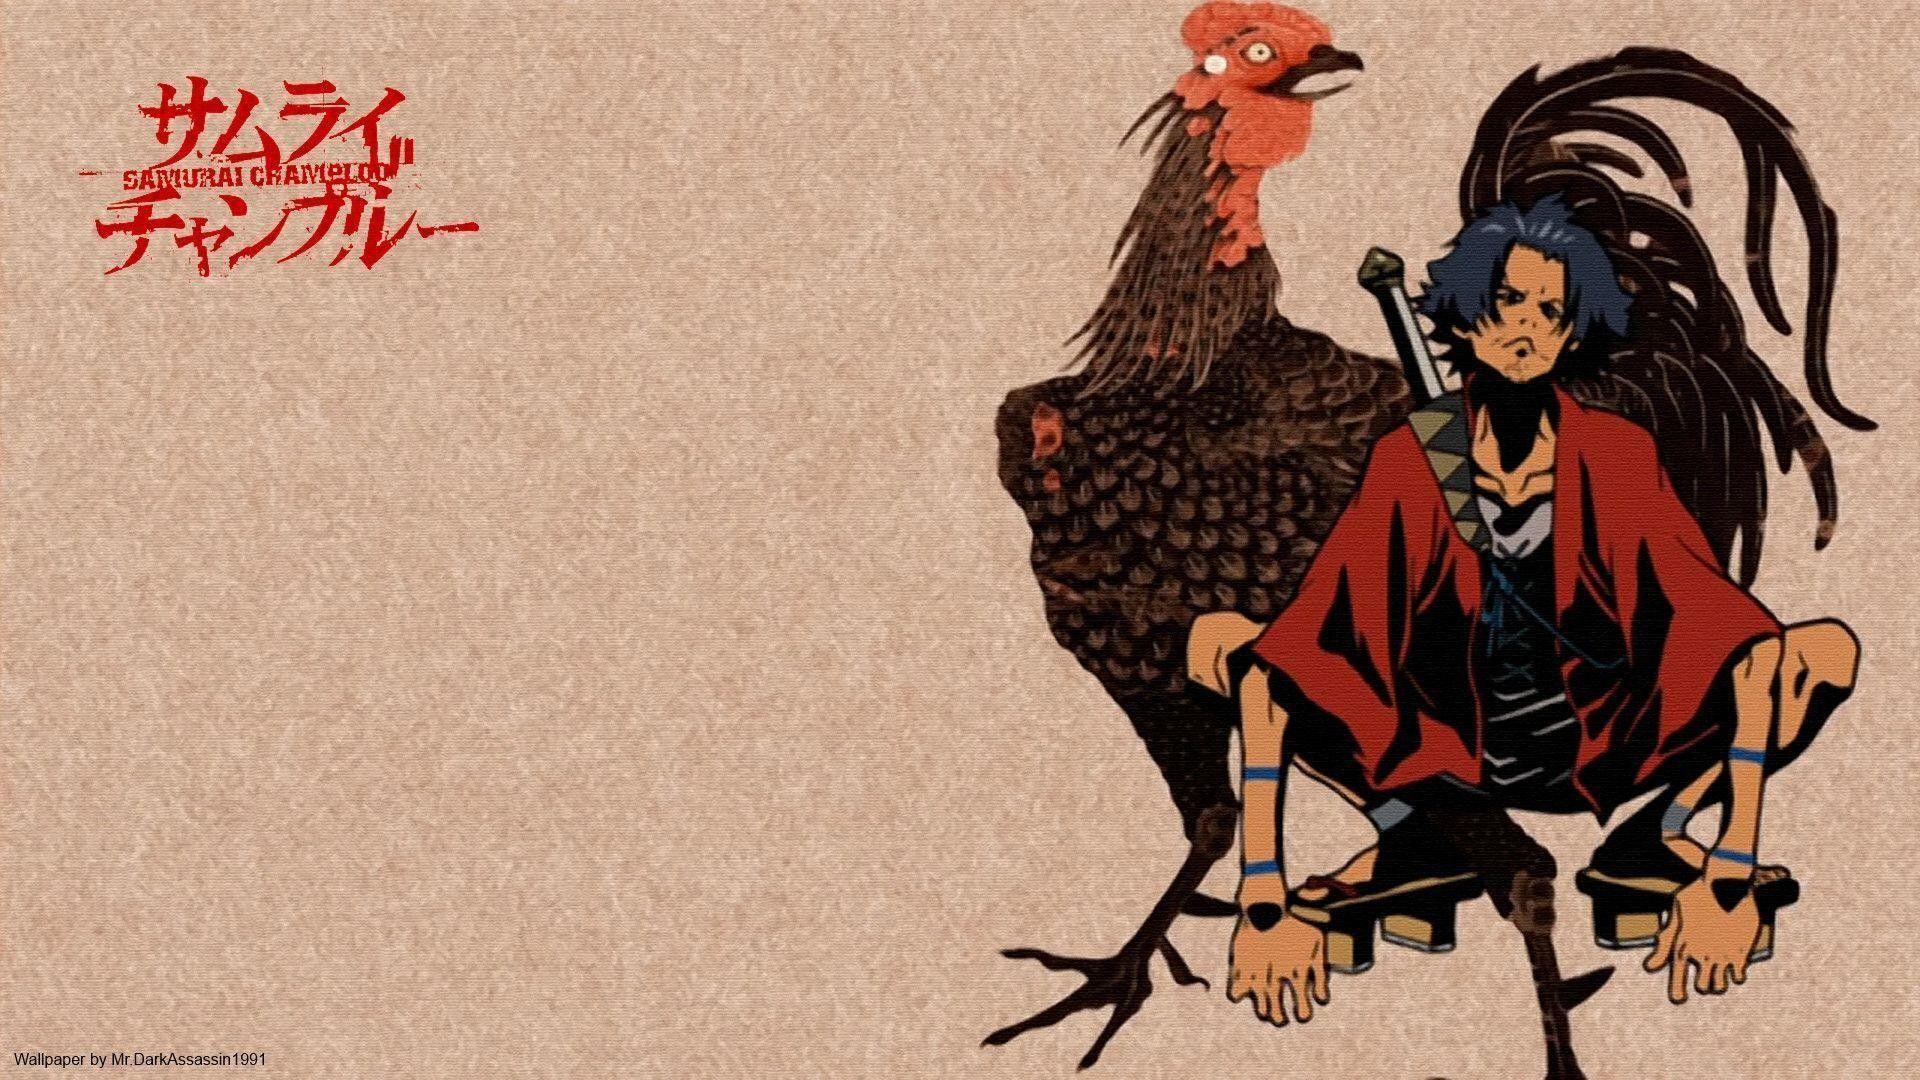 Mugen Samurai Champloo Wallpapers   Top Mugen Samurai 1920x1080